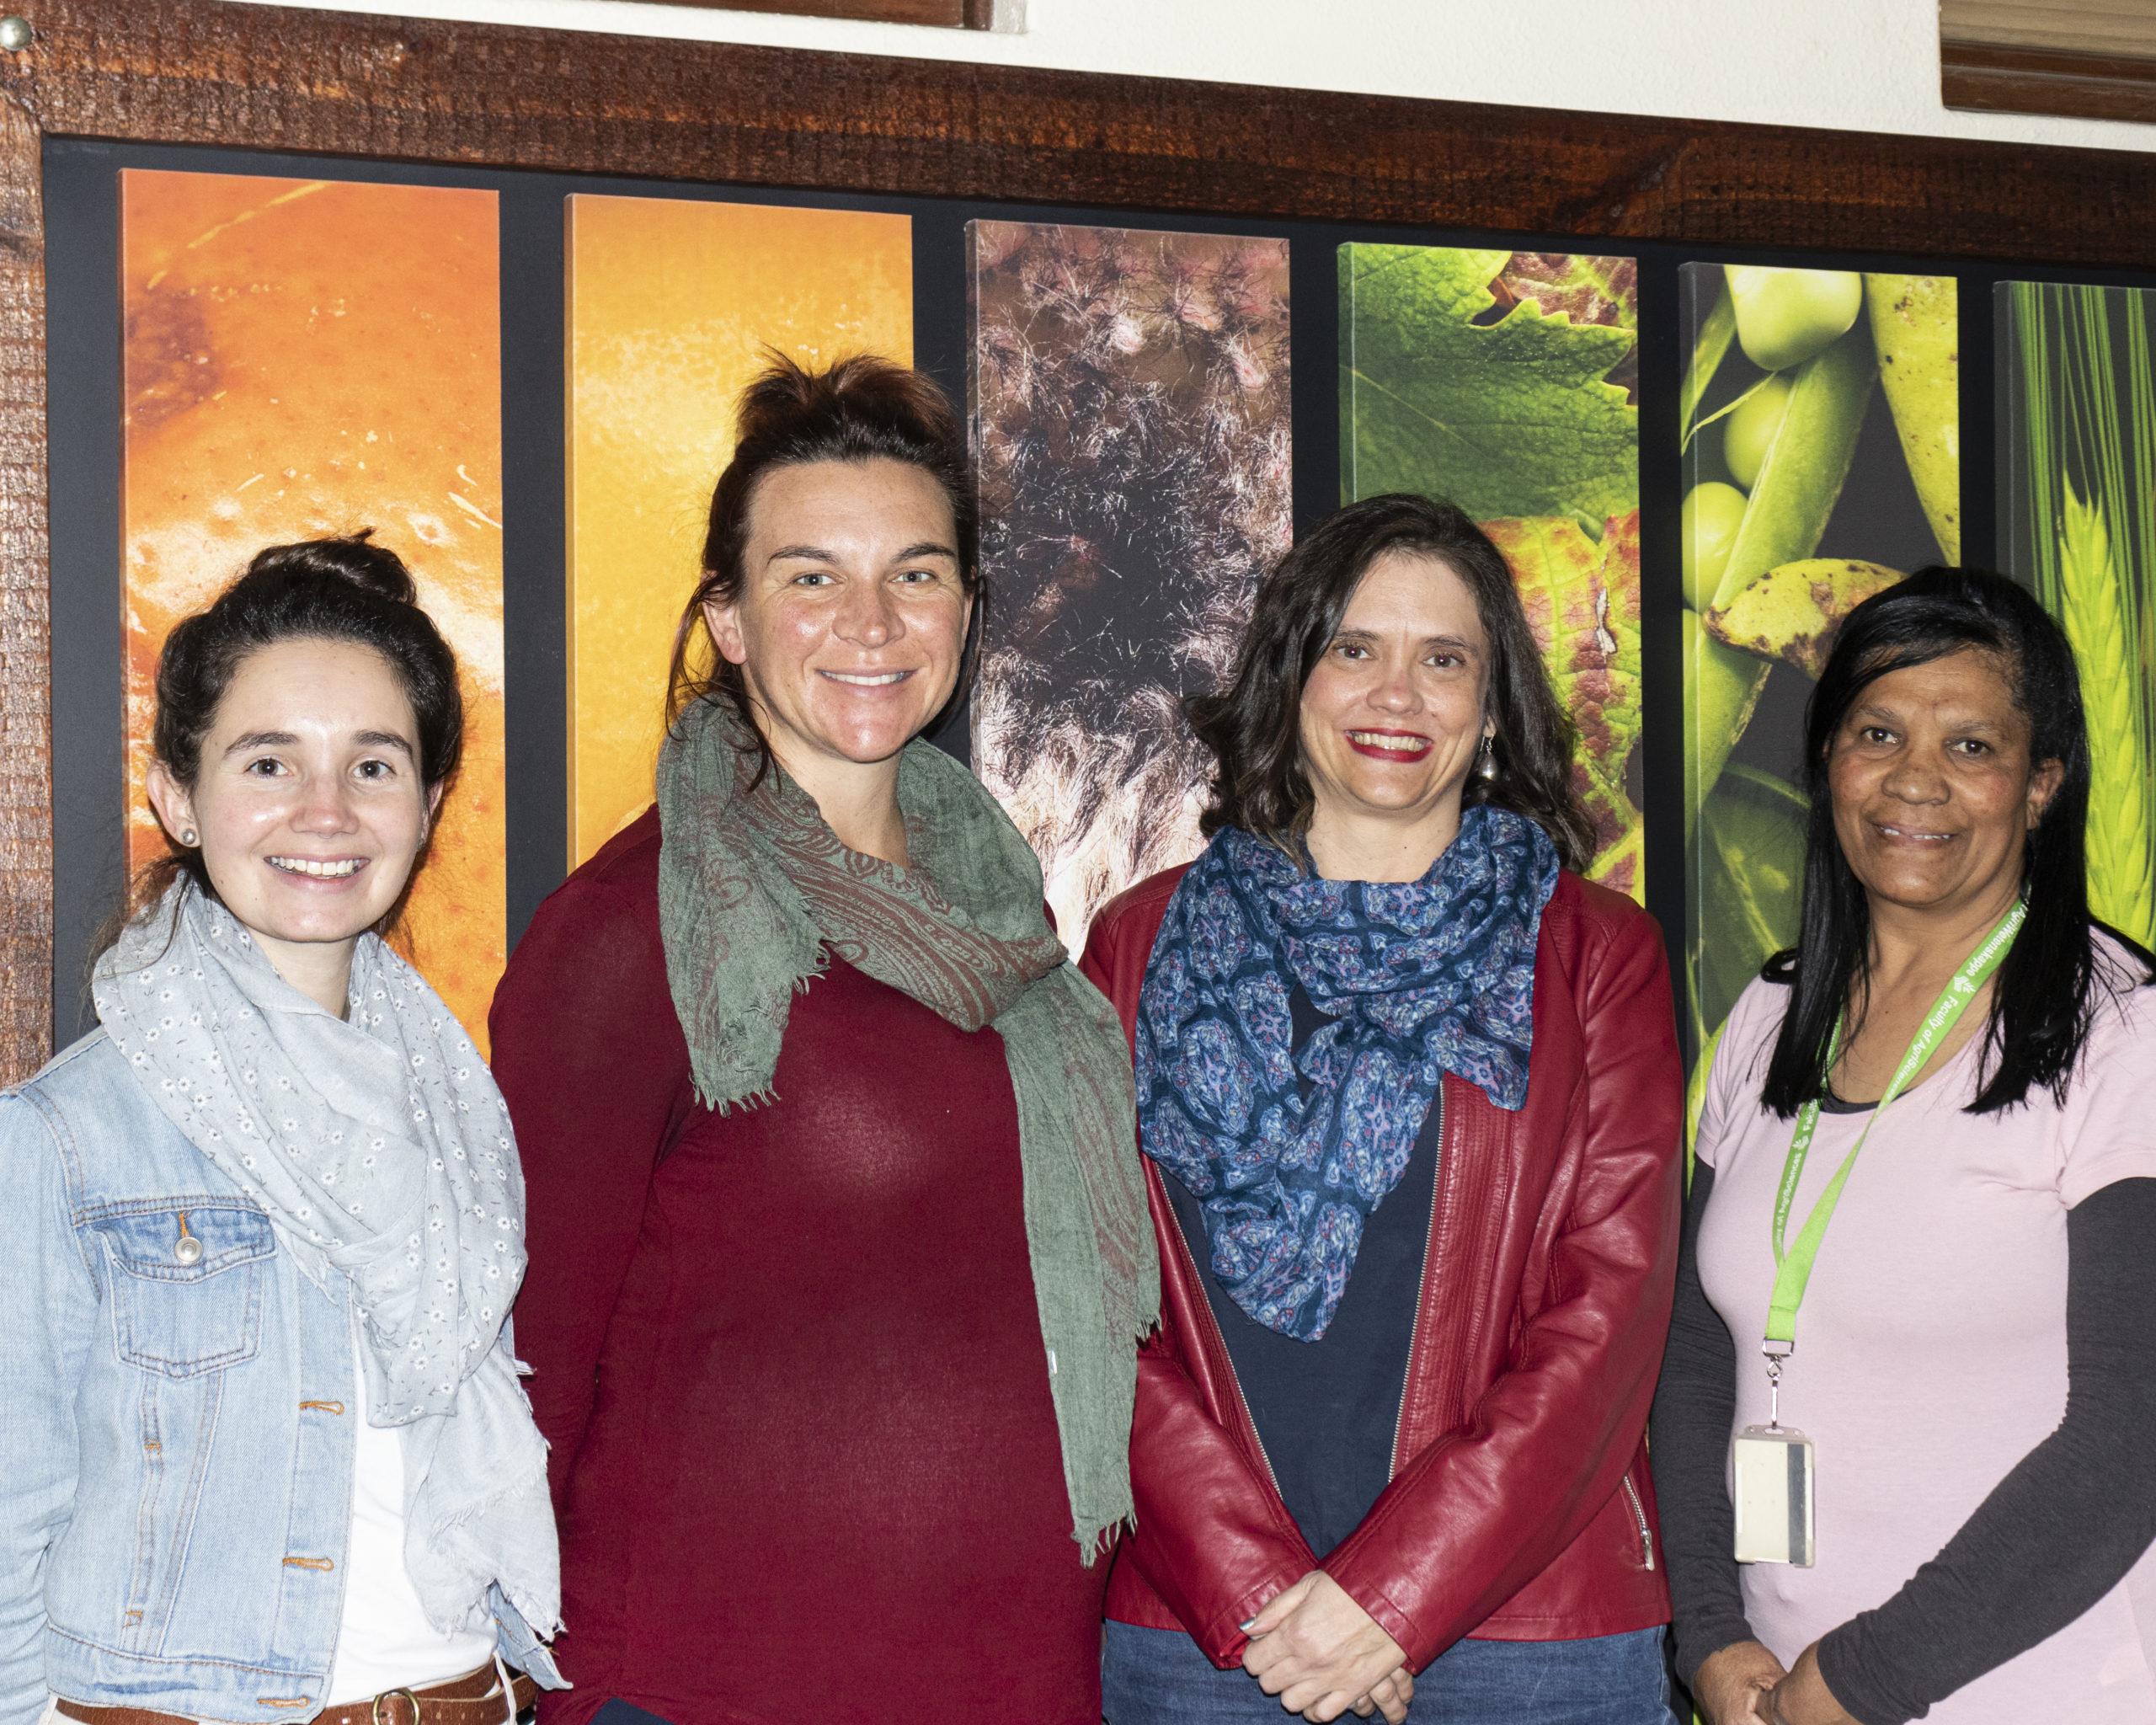 202108 Hortgro Newsletter Plant Disease Clinic